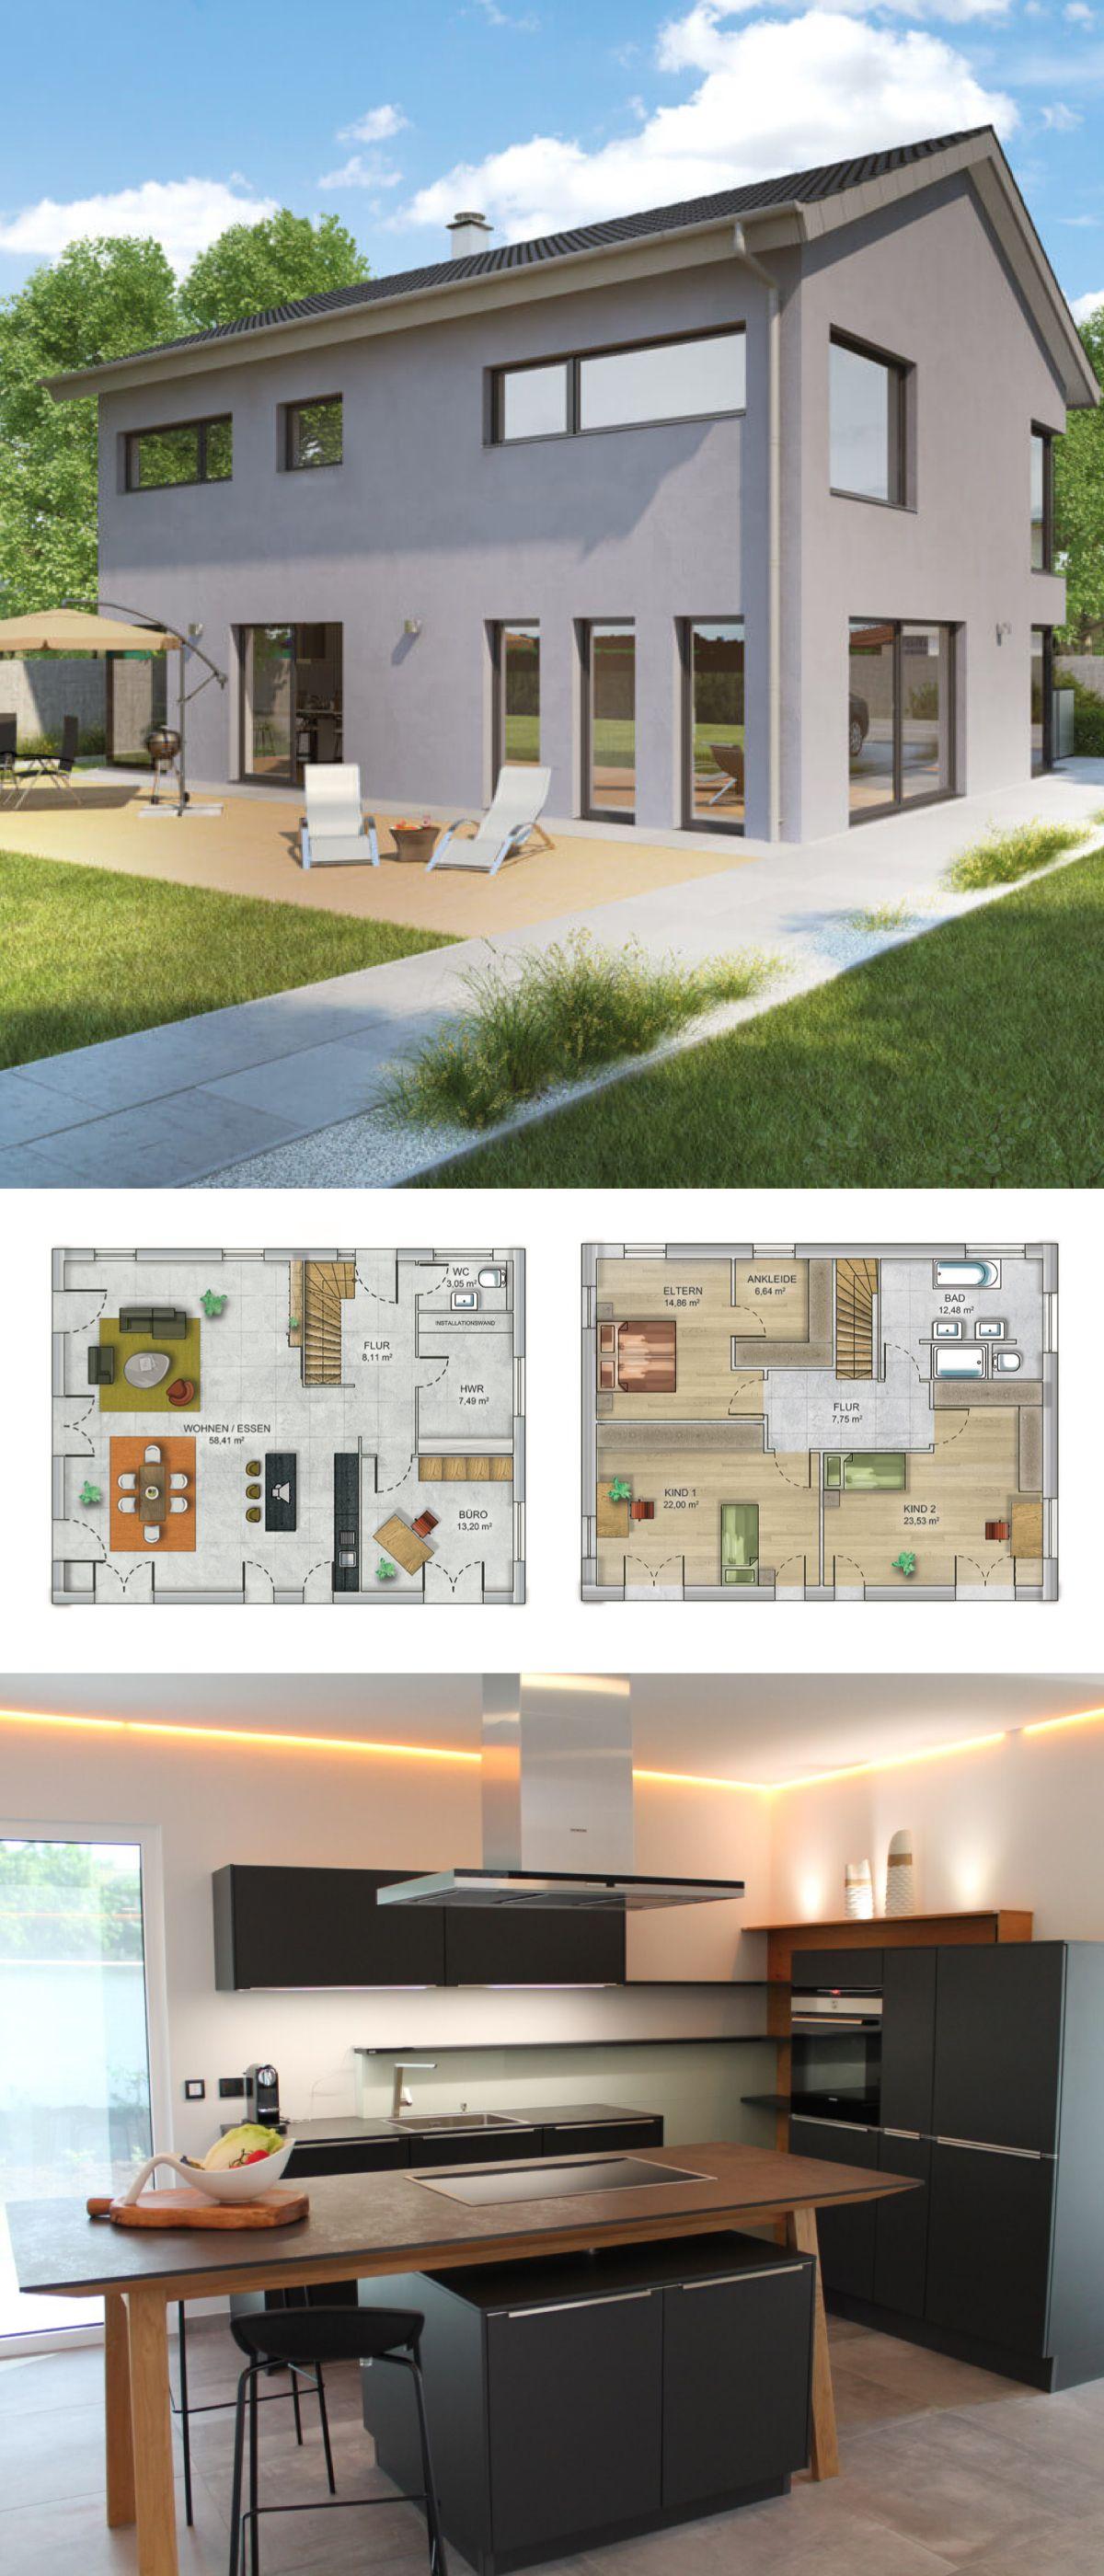 Massives Fertighaus Mit Moderner Satteldach Architektur Haus Bauen